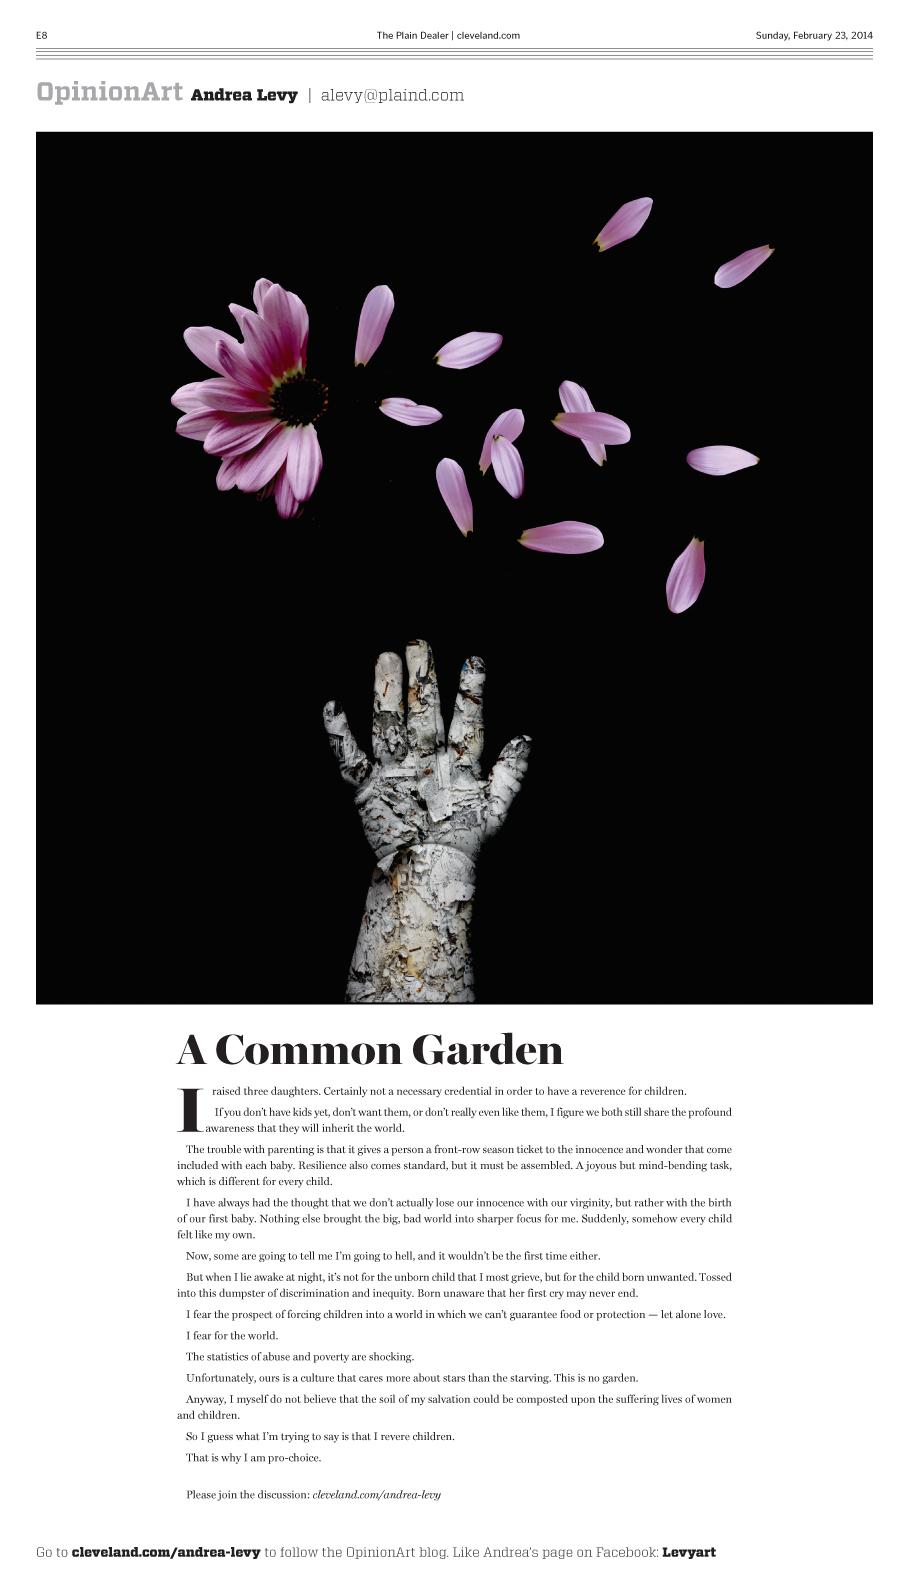 A Common Garden